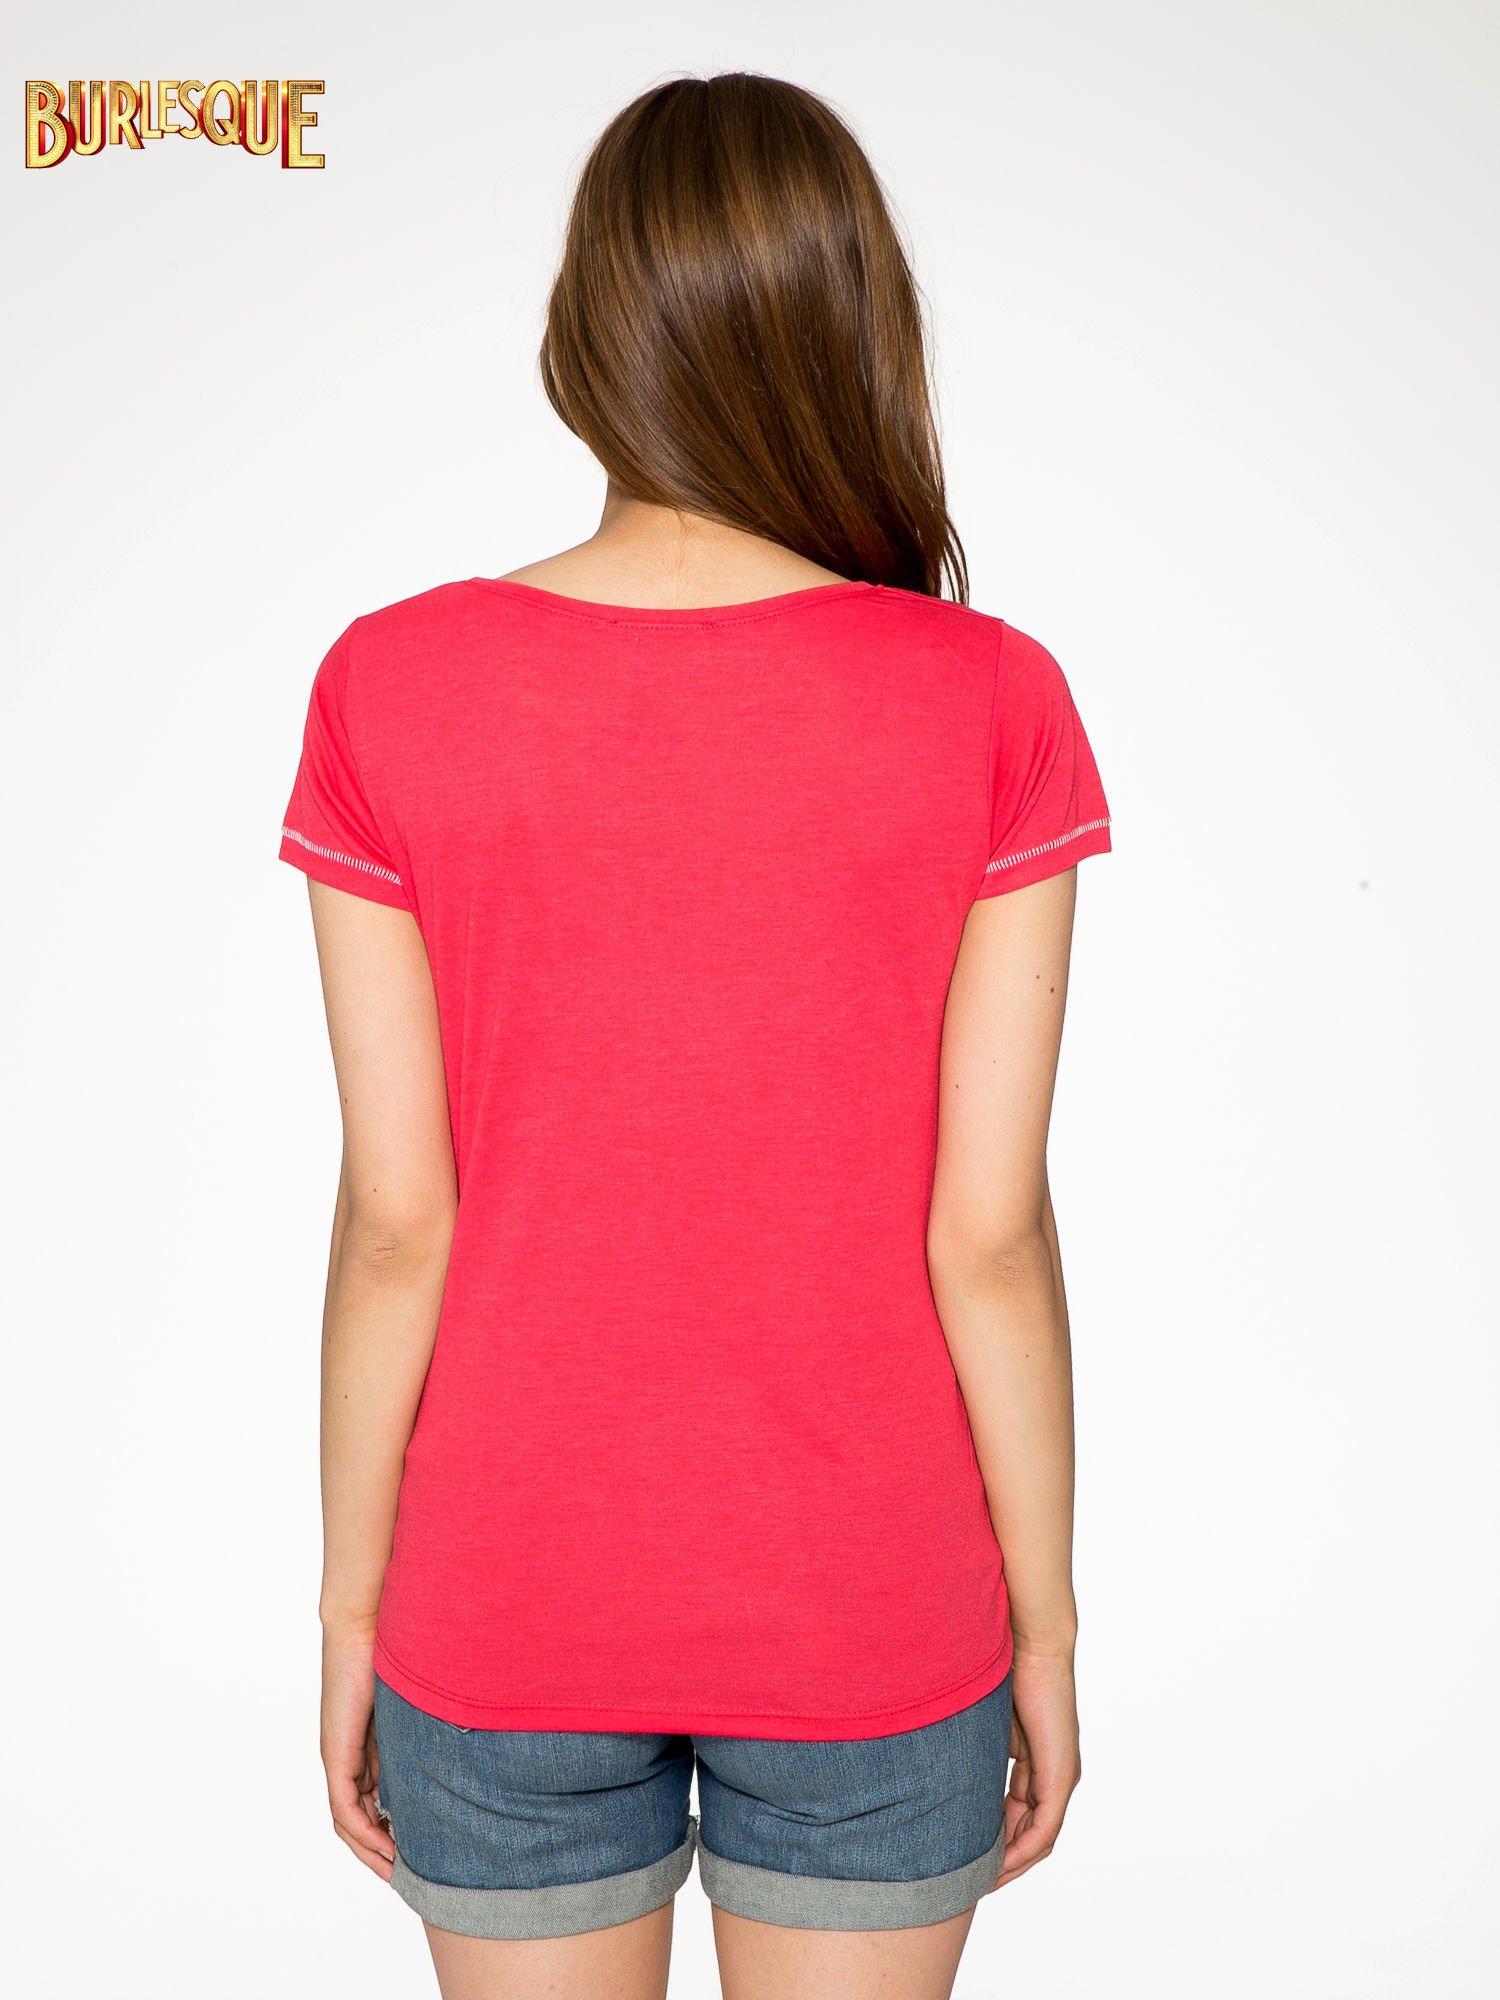 Czerwony t-shirt z nadrukiem wieży Eiffla                                  zdj.                                  4